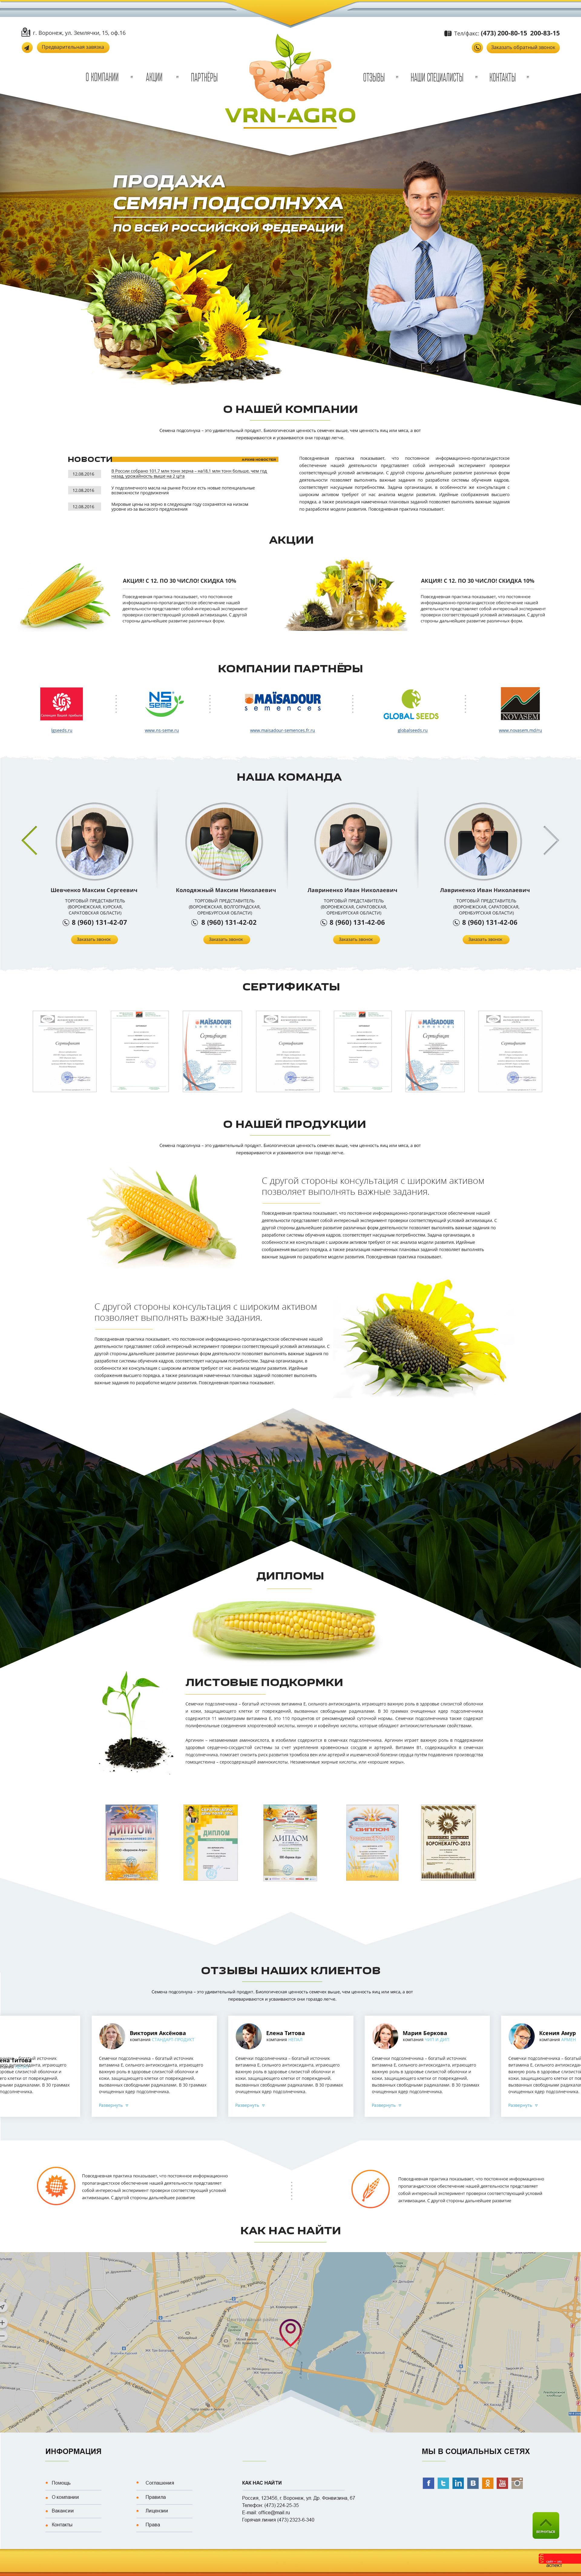 b2b сайты примеры Vrn-Agro 1920 px